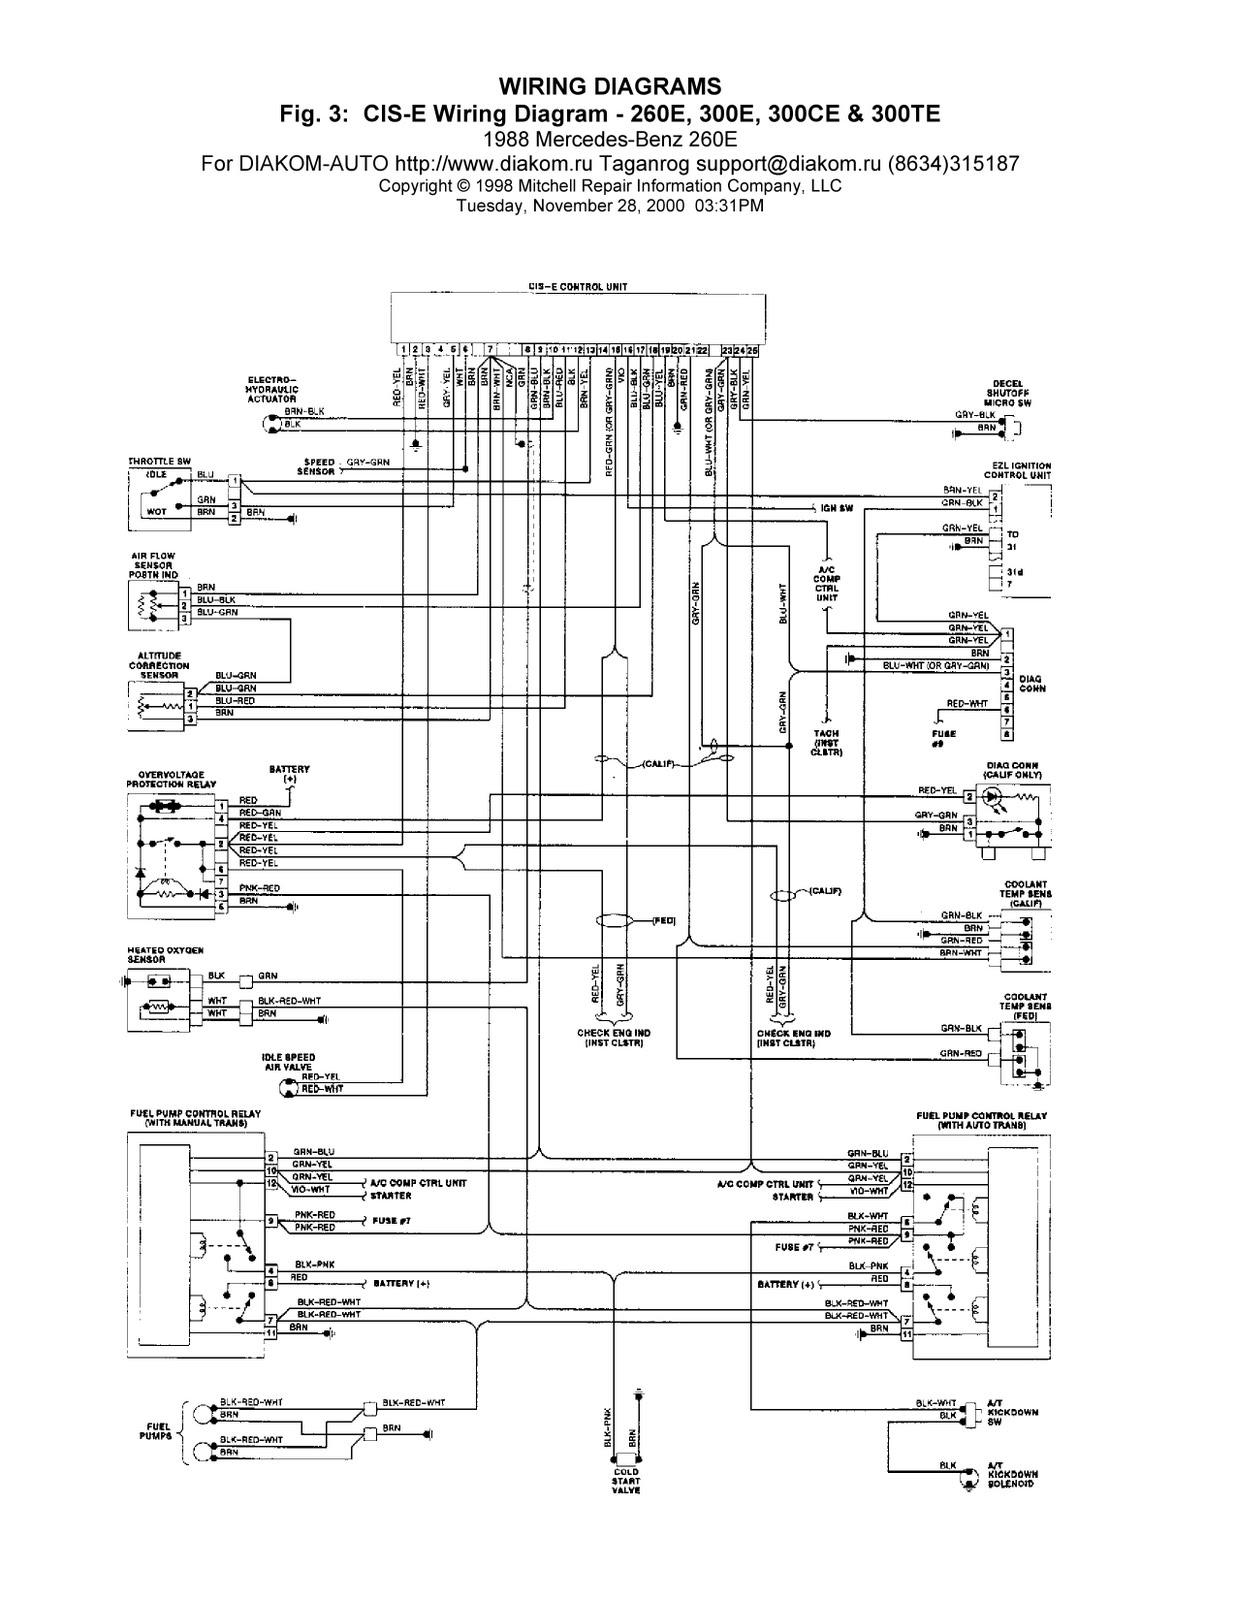 1988 MercedesBenz 260E CISE Wiring Diagrams | Schematic